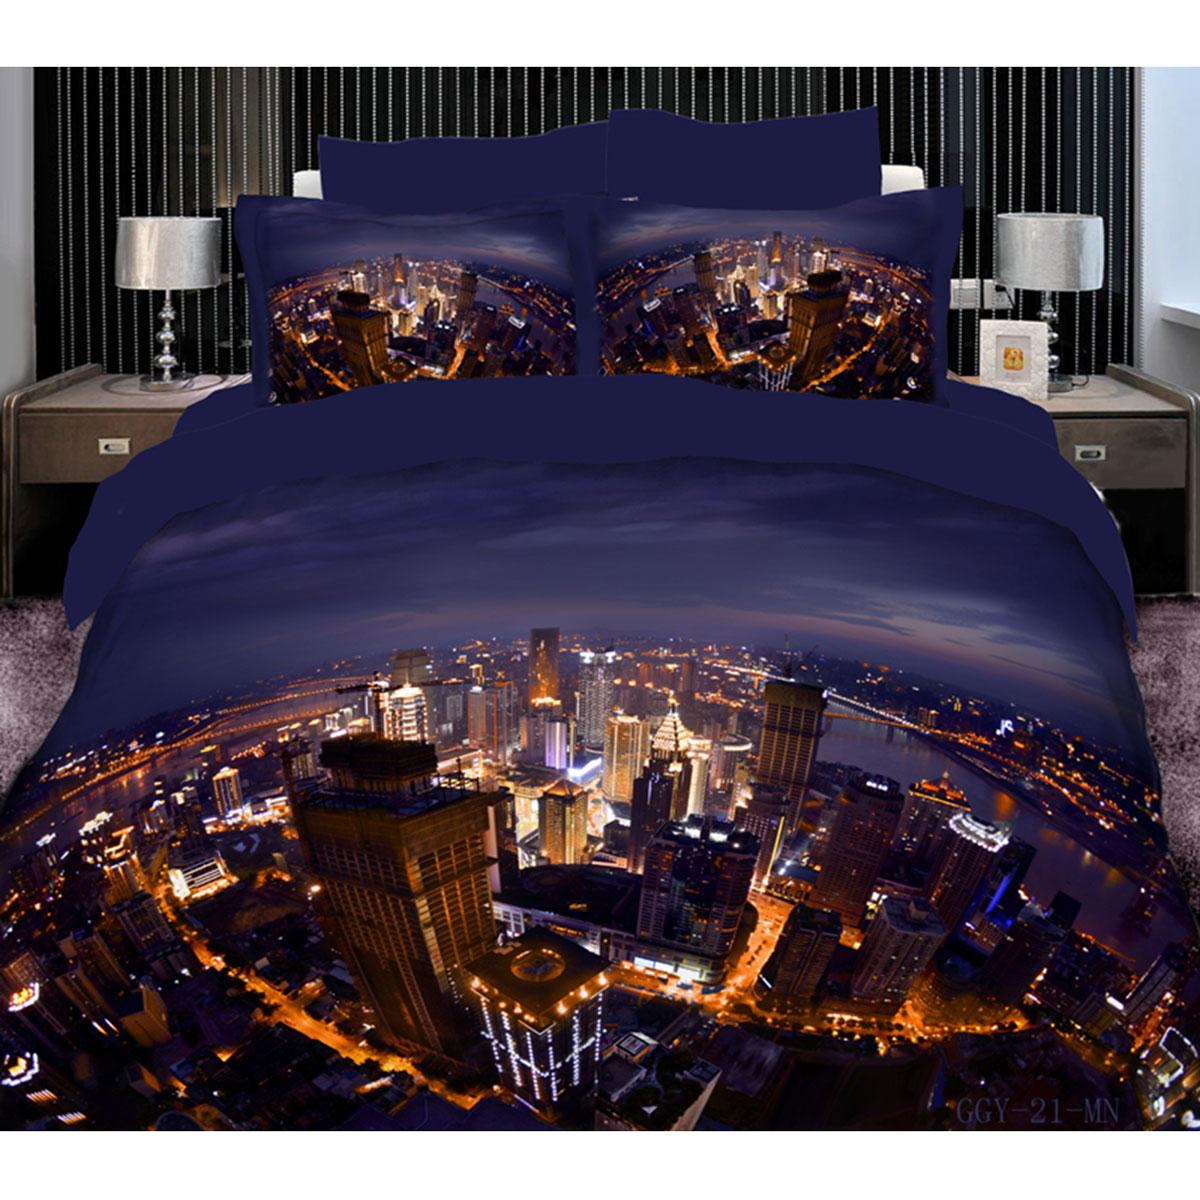 Постельное белье Коллекция Ночной город (Евро КПБ, сатин рамочный с эффектом 3D, наволочки 50х70)СР3Д2,5/8-21/50Комплект постельного белья Коллекция Ночной город, изготовленный из рамочного сатина, поможет вам расслабиться и подарит спокойный сон. Постельное белье, оформленное 3D-изображением ночного города, имеет изысканный внешний вид и обладает яркостью и сочностью цвета. Комплект состоит из пододеяльника на молнии, простыни и двух наволочек с ушами. Благодаря такому комплекту постельного белья вы сможете создать атмосферу уюта и комфорта в вашей спальне. Сатин производится из высших сортов хлопка, а своим блеском, легкостью и на ощупь напоминает шелк. Такая ткань рассчитана на 200 стирок и более. Постельное белье из сатина превращает жаркие летние ночи в прохладные и освежающие, а холодные зимние - в теплые и согревающие. Благодаря натуральному хлопку, комплект постельного белья из сатина приобретает способность пропускать воздух, давая возможность телу дышать. Одно из преимуществ материала в том, что он практически не мнется и ваша спальня всегда будет аккуратной и...